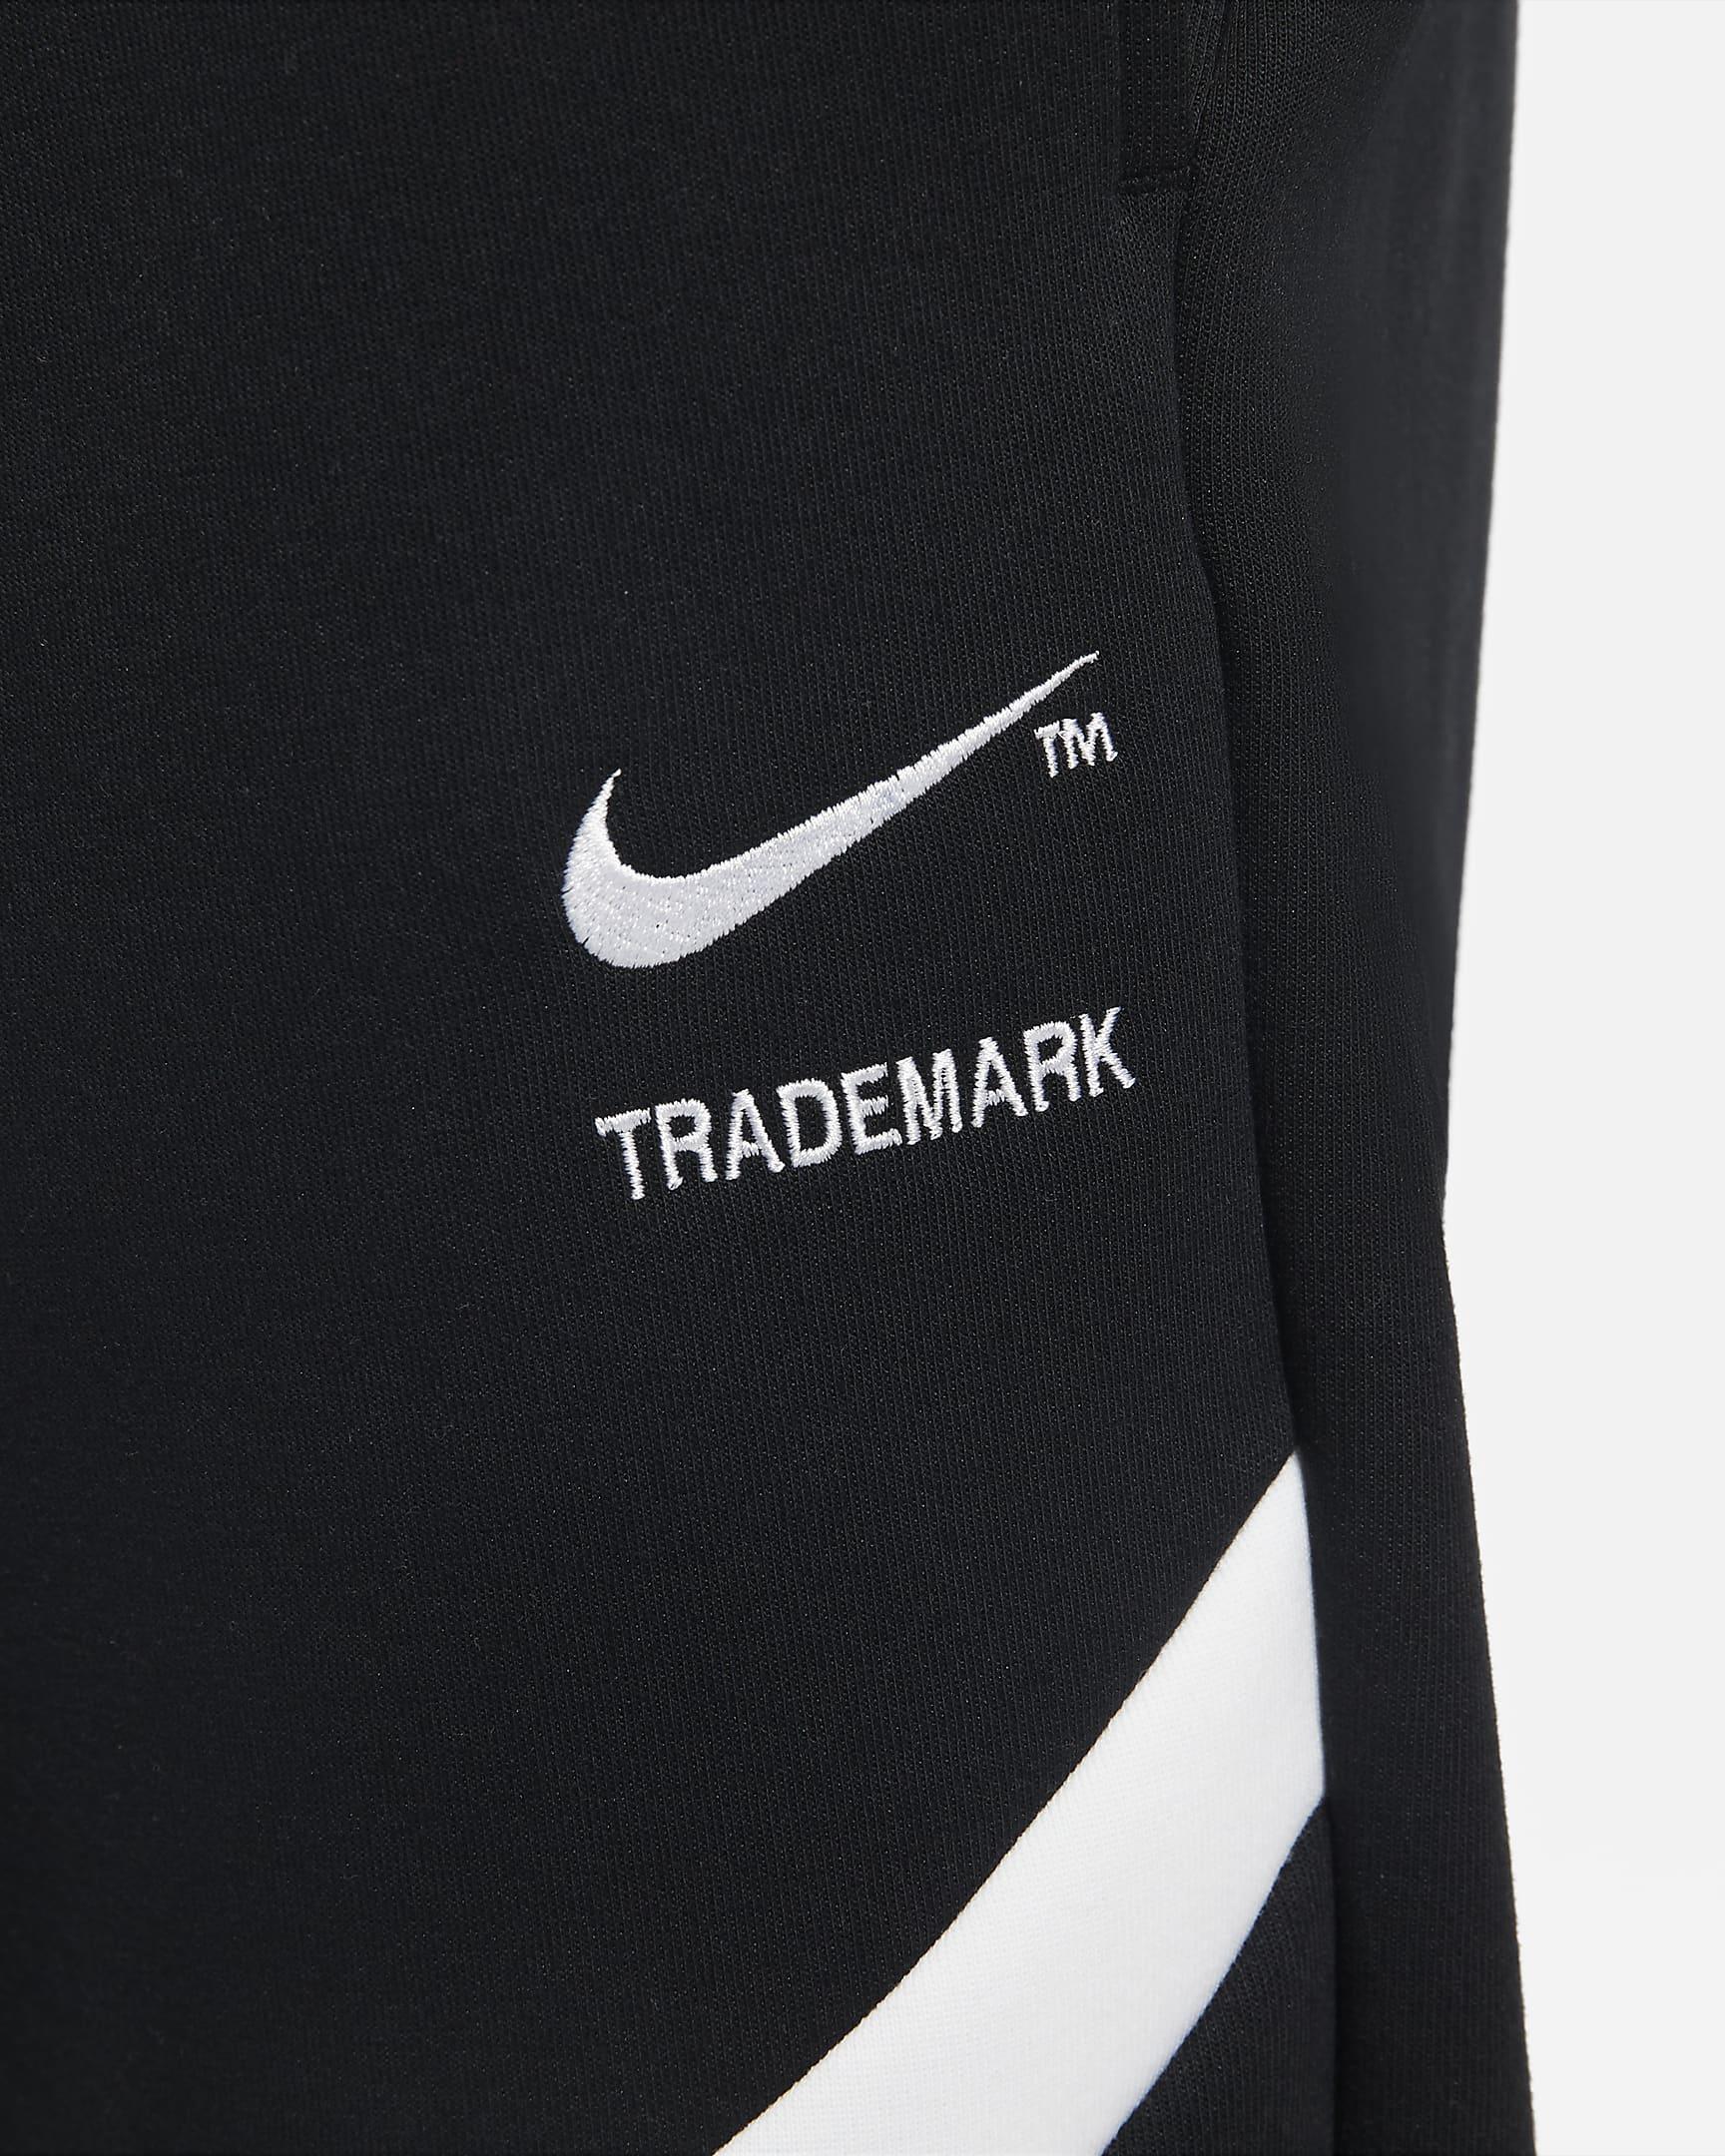 nike-sportswear-swoosh-tech-fleece-mens-pants-4BpCFp-2.png